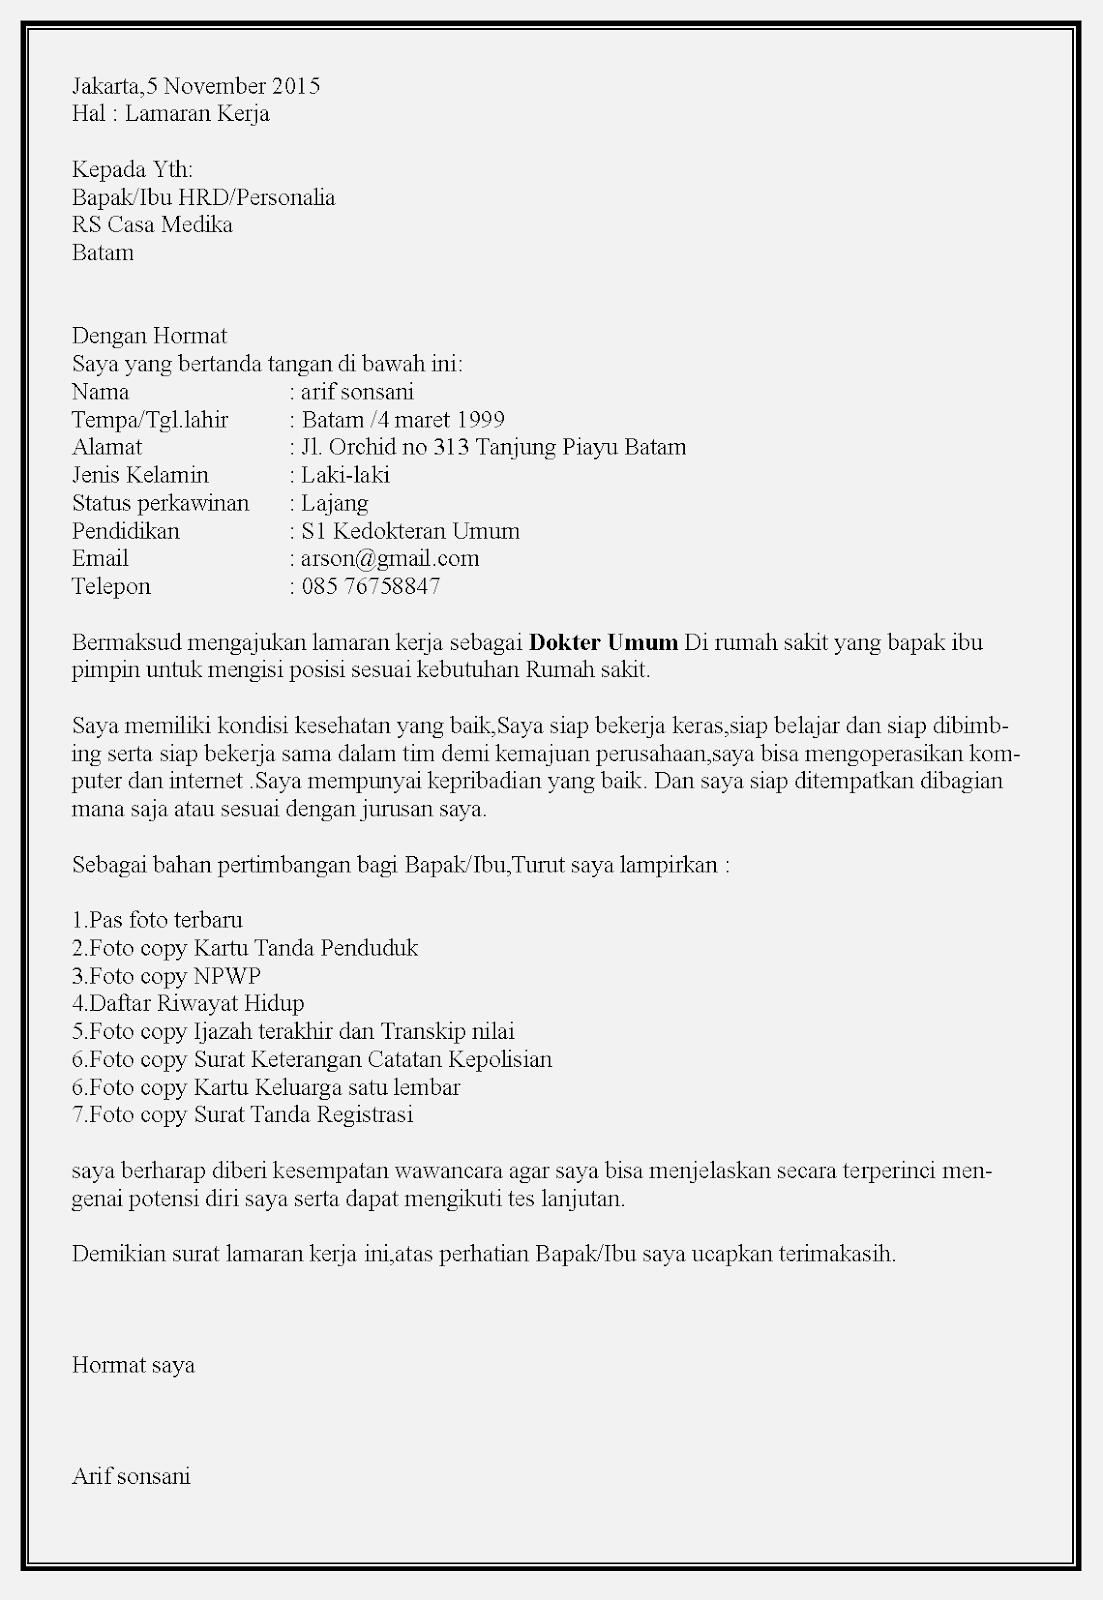 Contoh surat lamaran kerja dokter di rumah sakit Casa Medika